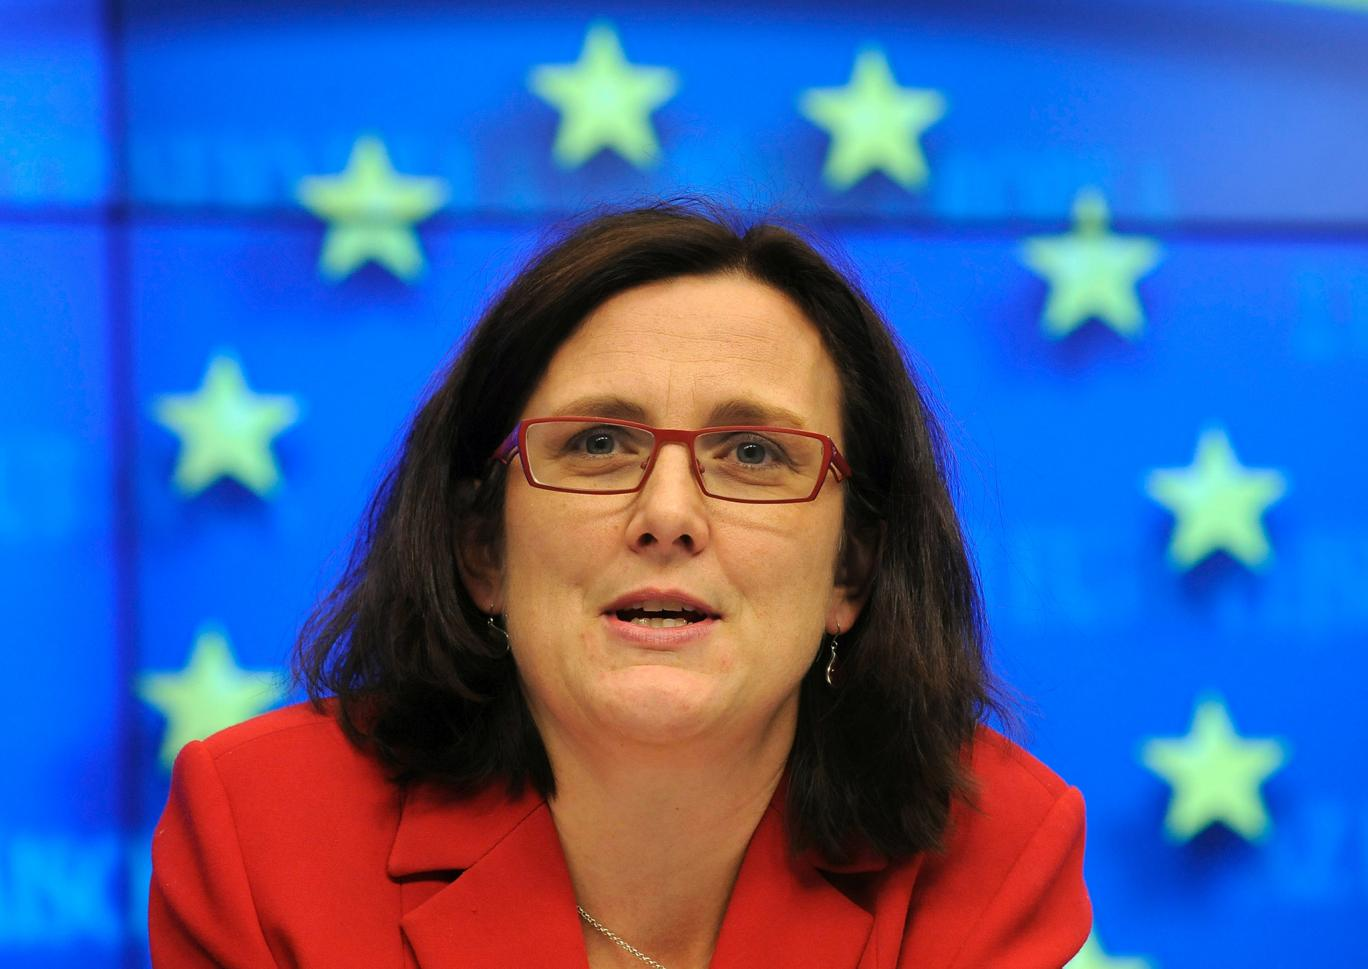 """Arrogansen overfor folket er grenseløs. """"I do not take my mandate from the European people"""" svarer Cecilia Malmström som er lederen for handelsdirektoratet i Europakommisjonen, og som er øverste sjef for EU's TTIP forhandlinger."""